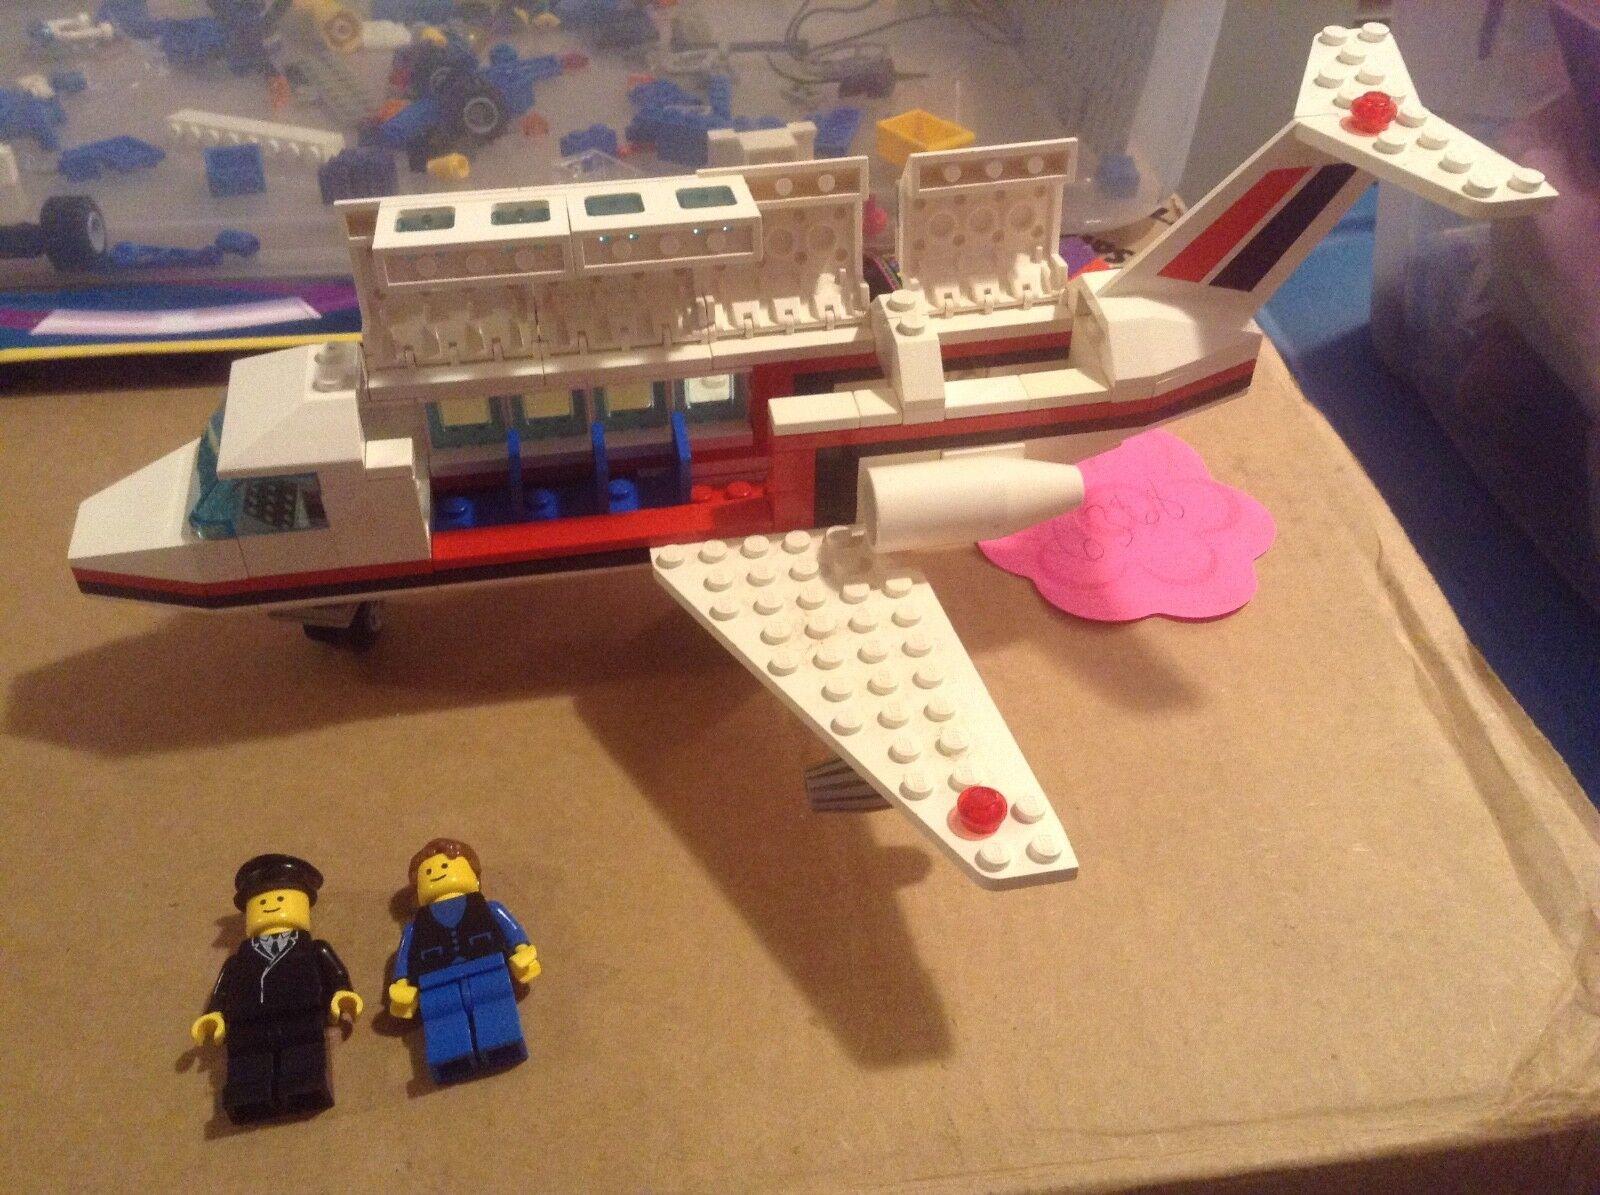 Lego 6368 Jet Airliner Vintage 1985 RARE lego land